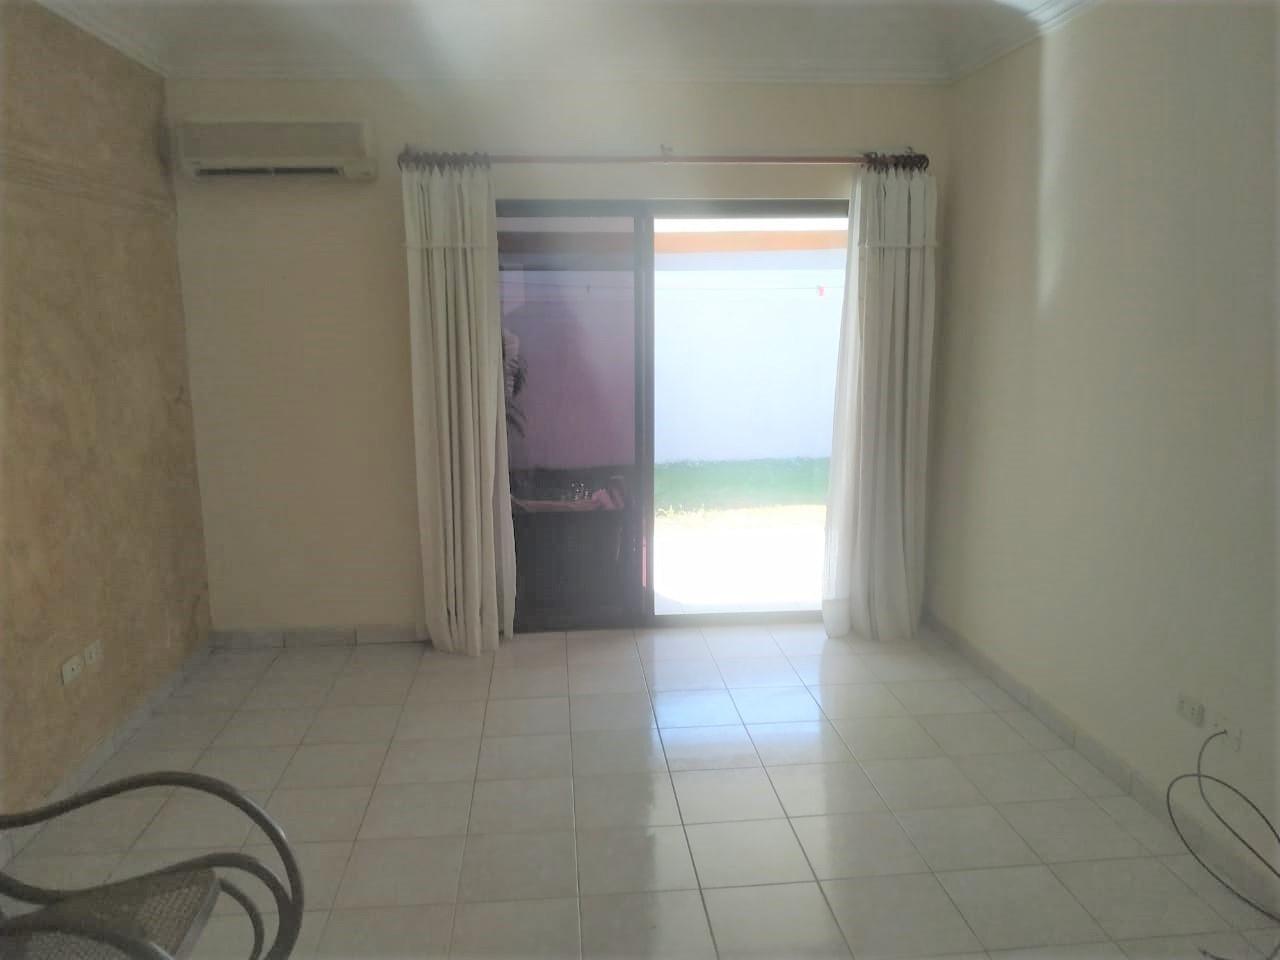 Casa en Alquiler COND LOS BOSQUES ENTRE 4TO  Y 5TO ANILLO RADIAL 26, CASA EN ALQUILER Foto 12